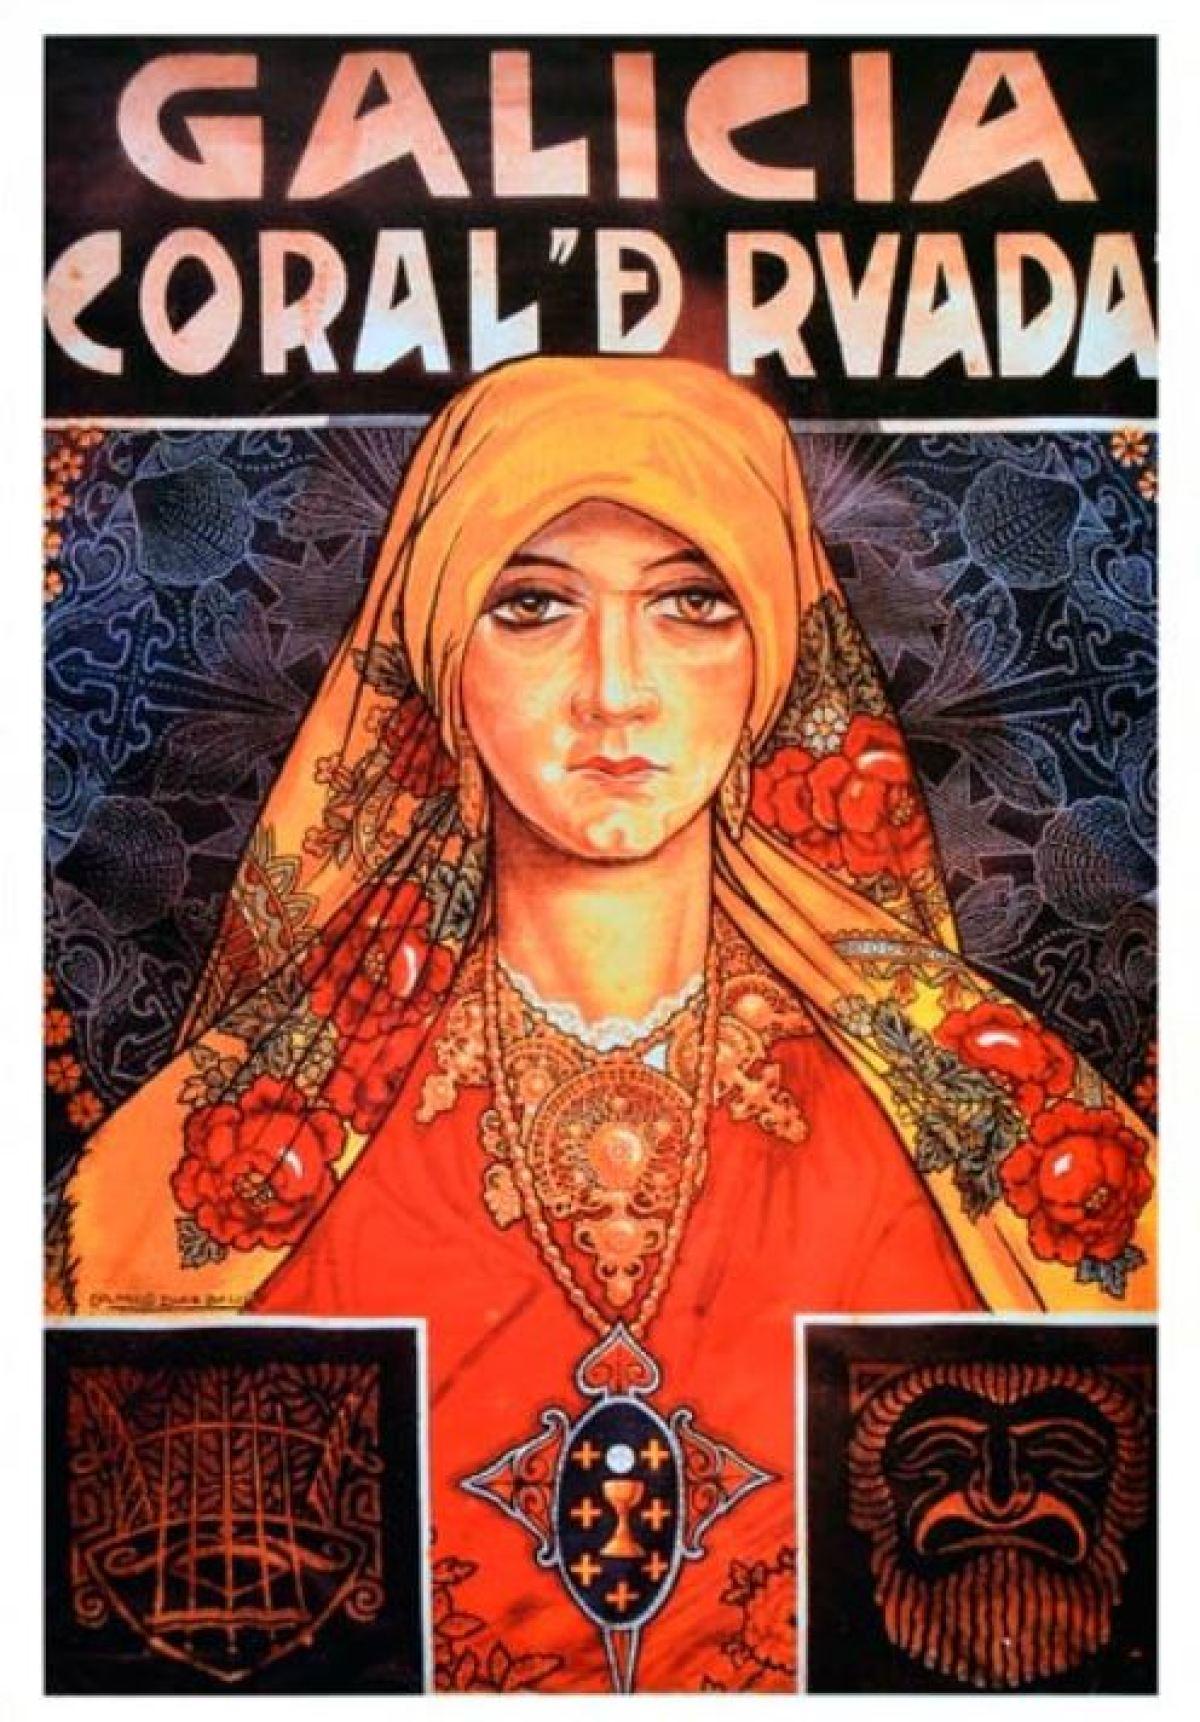 Cartel para a Coral De Ruada, por Camilo Díaz Baliño